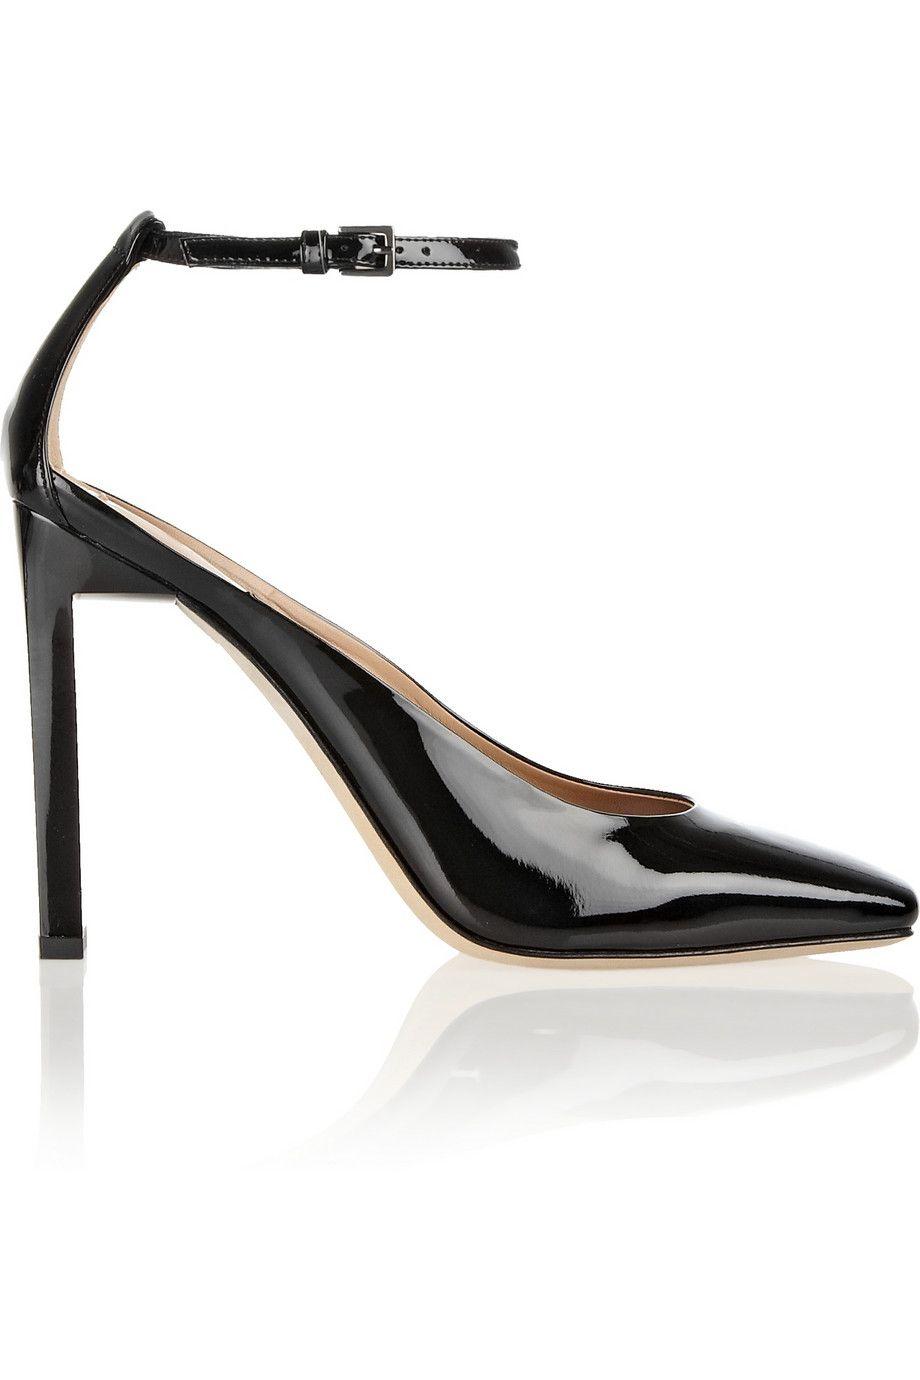 REED KRAKOFF Patent Leather Heels rrPuXvE6vl